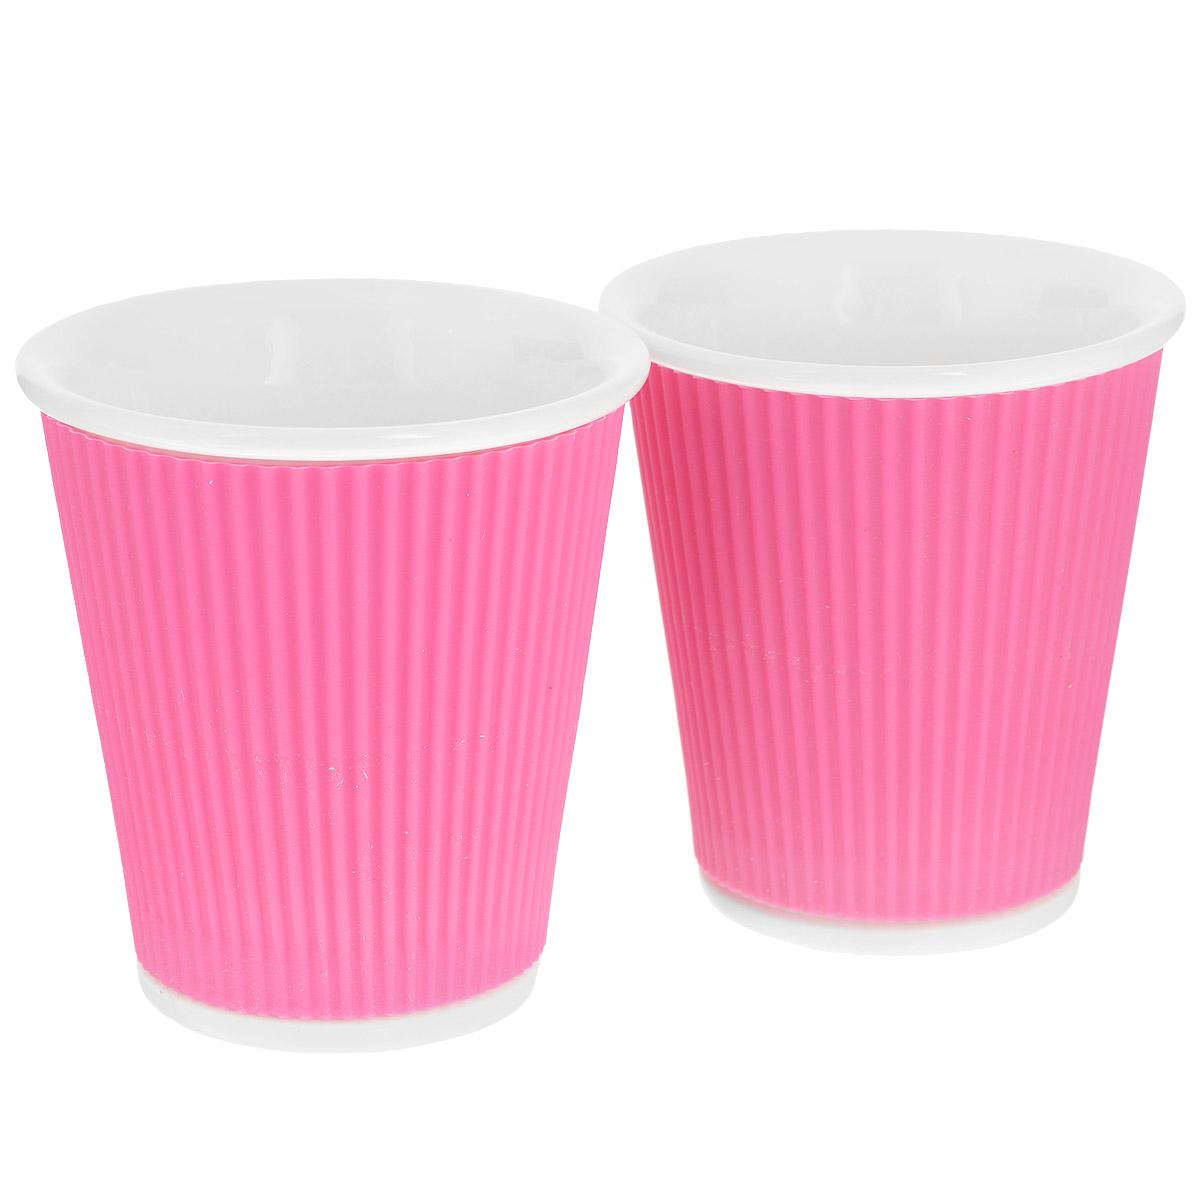 Набор чашек Les Artistes-Paris Ondules, цвет: розовый, 180 мл, 2 шт les prairies de paris юбка до колена